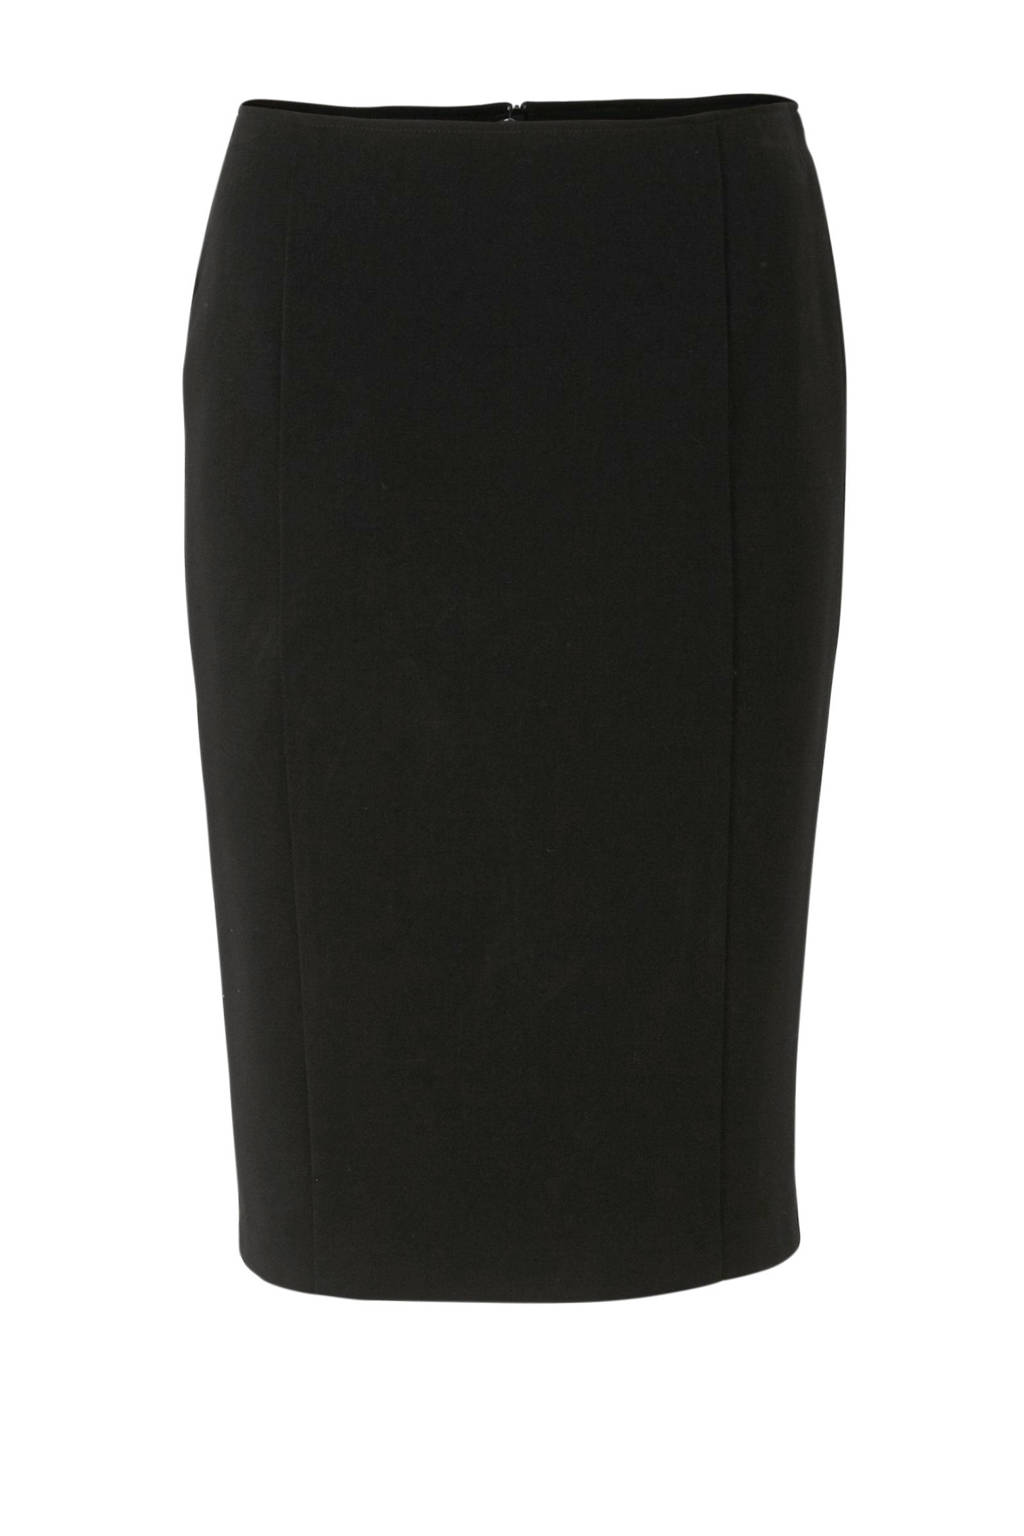 C&A rok zwart, Zwart